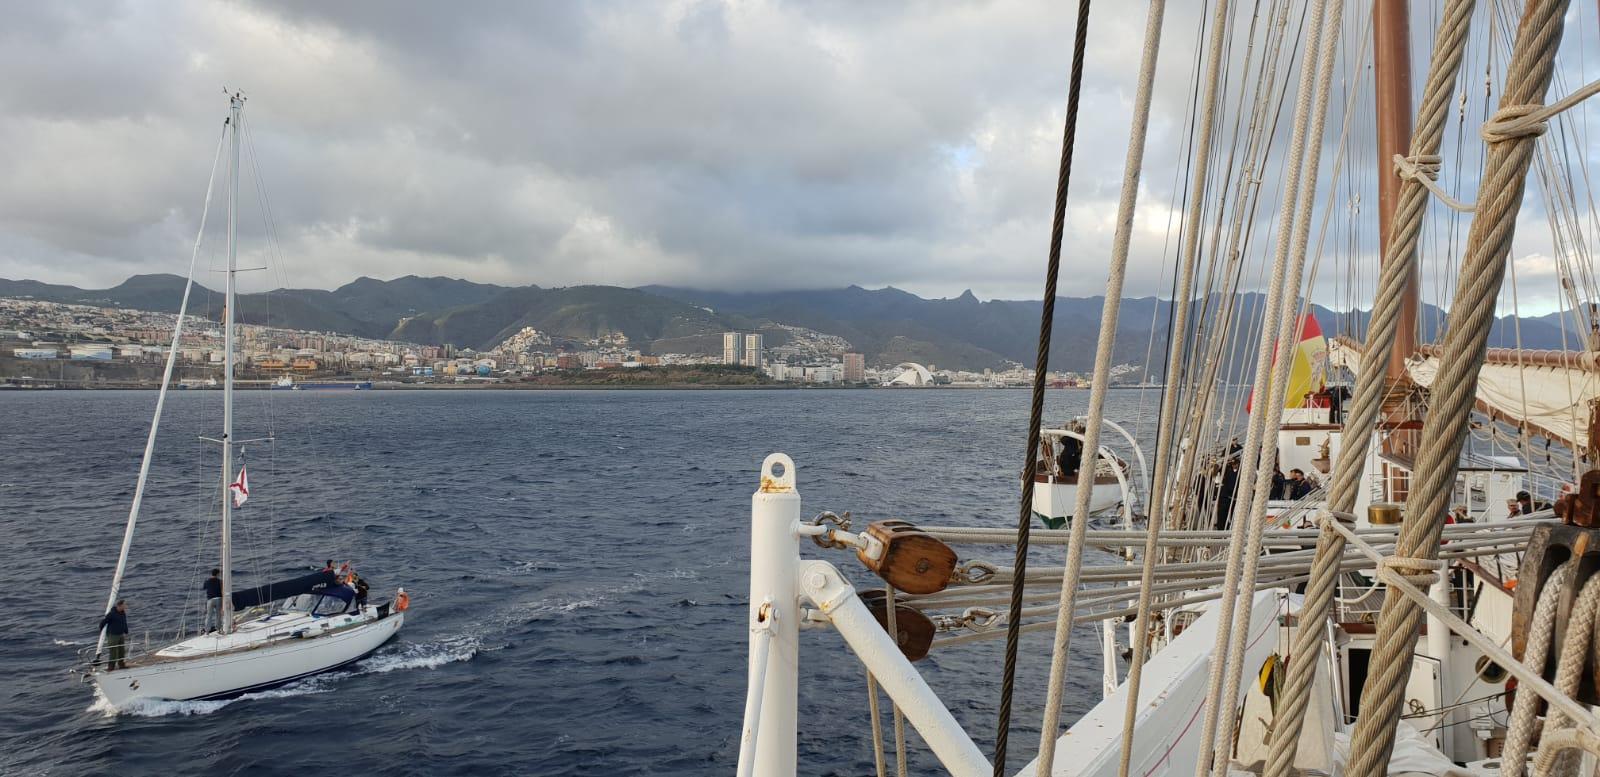 El buque Juan Sebastián de Elcano alejándose de Tenerife. Foto: Armada Española